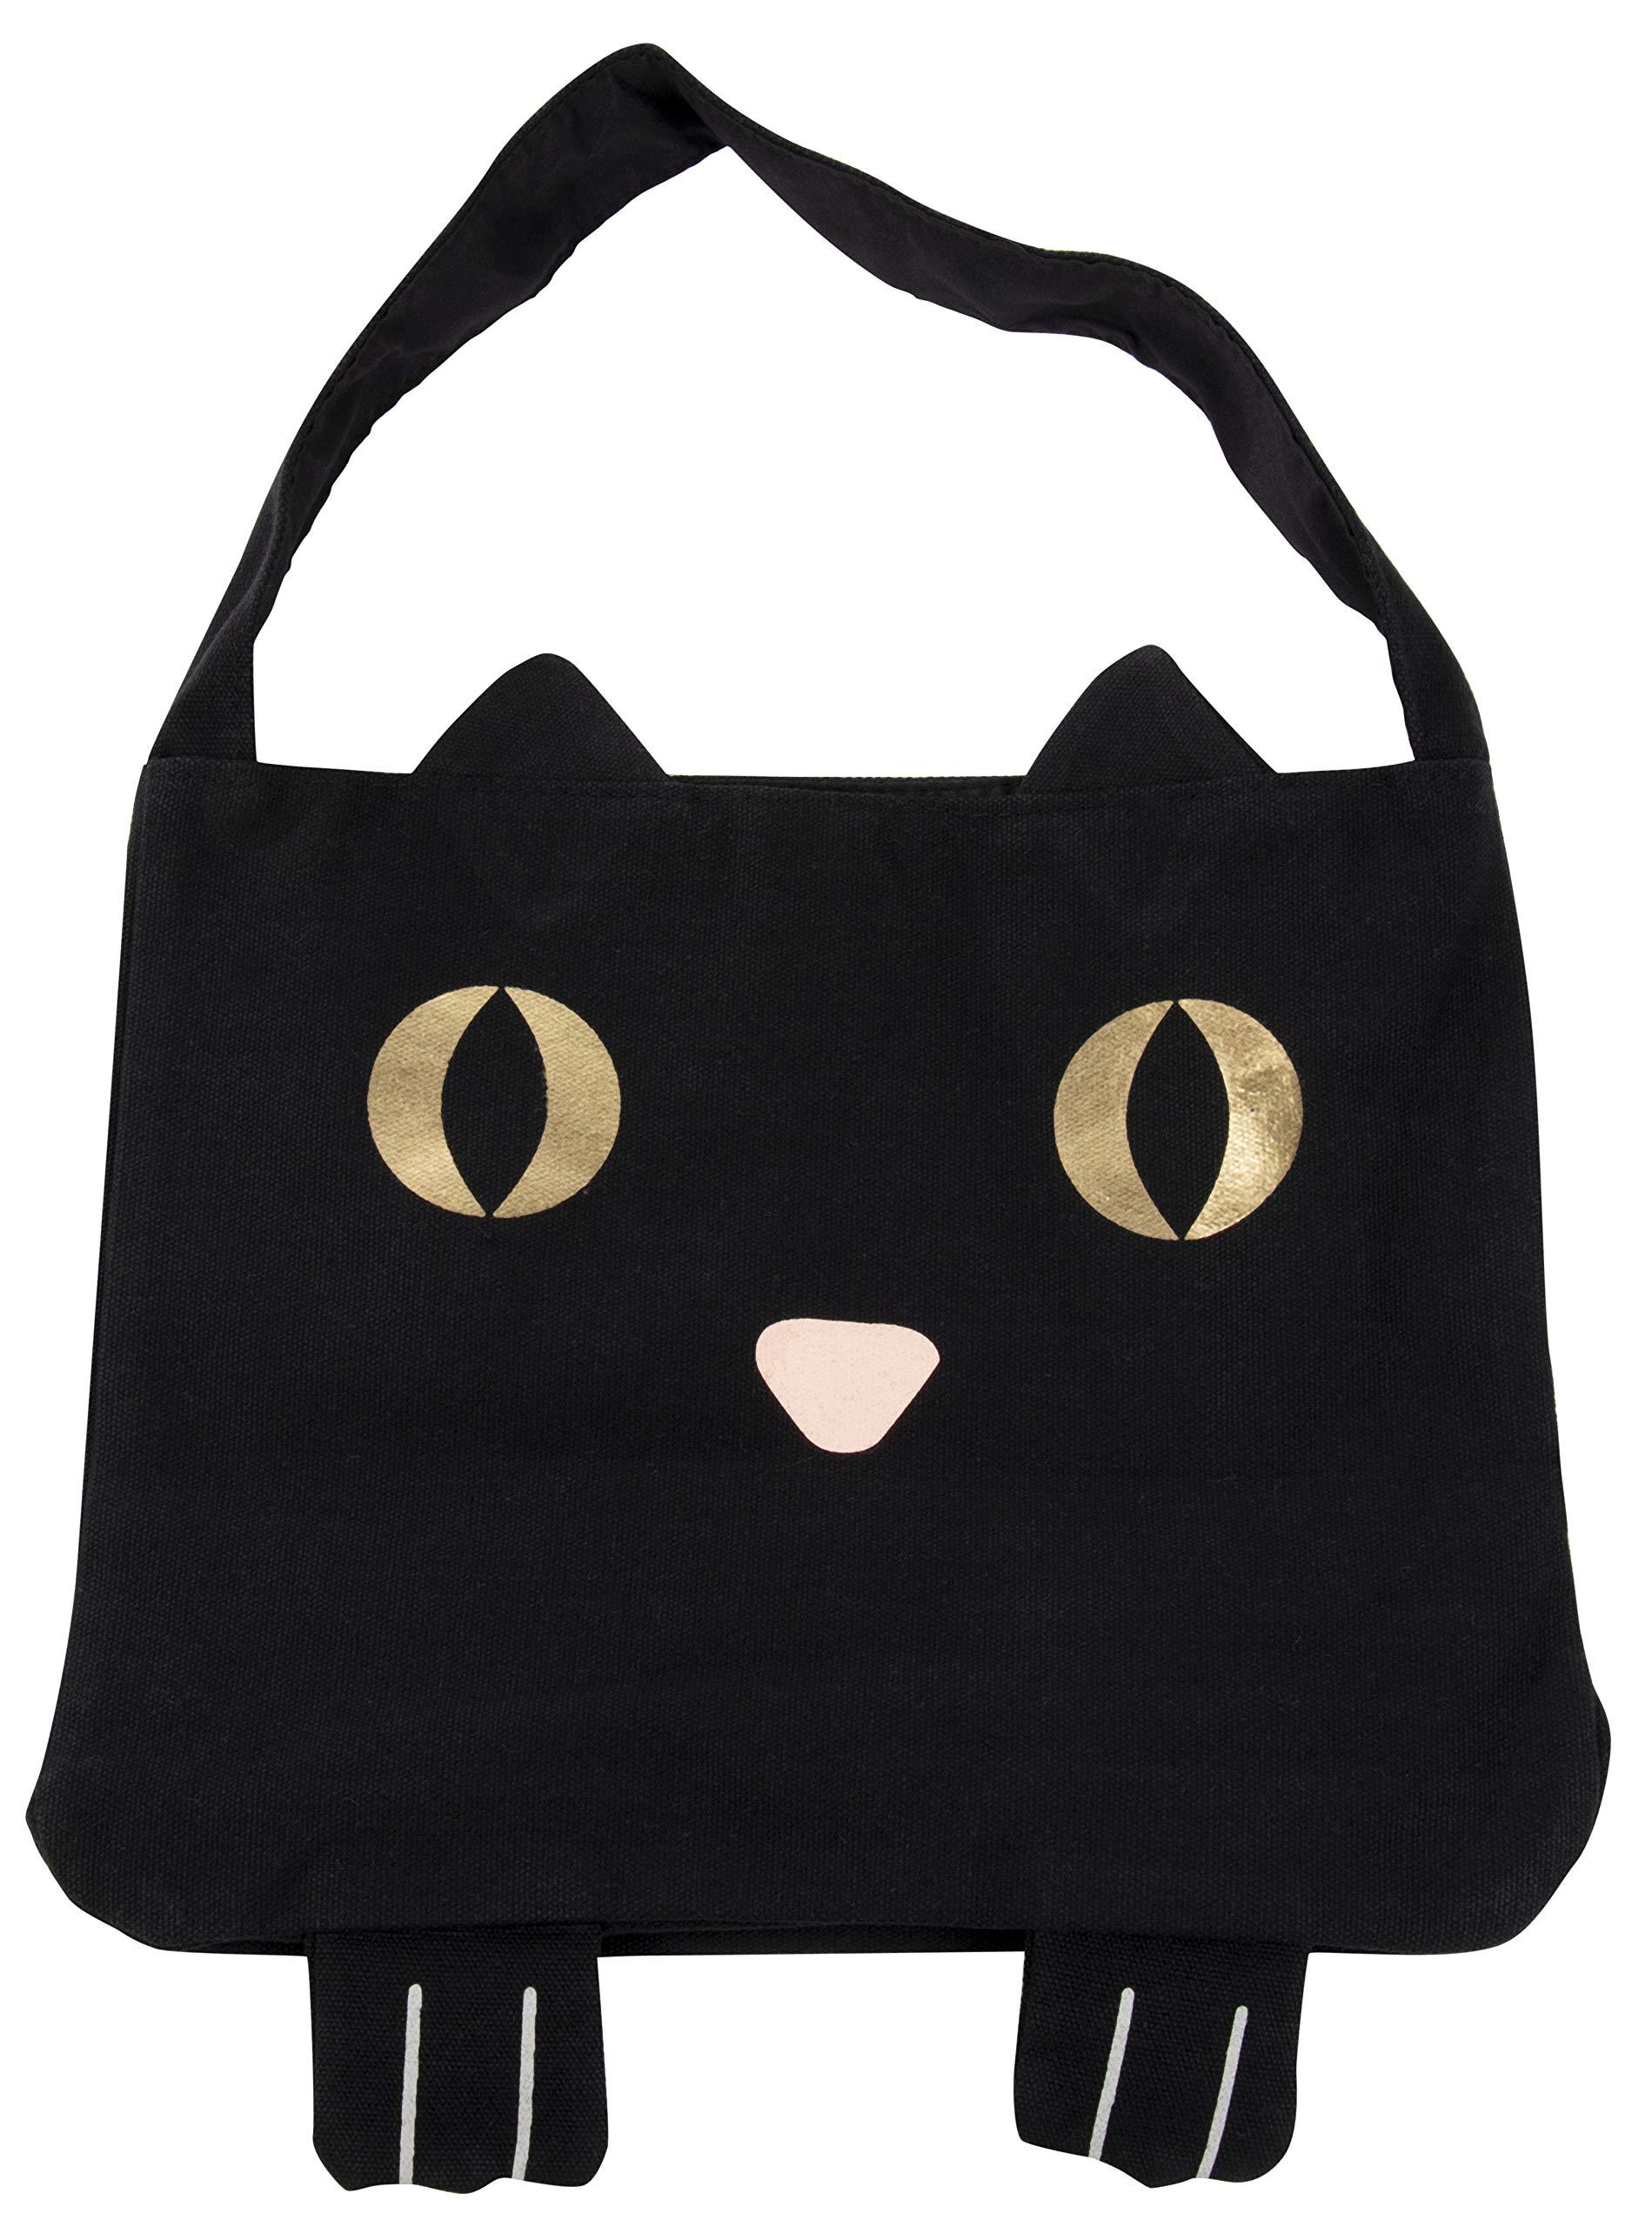 고양이 할로윈 토트백 Juvale Canvas Tote Bag - Reusable Cotton Canvas Bag